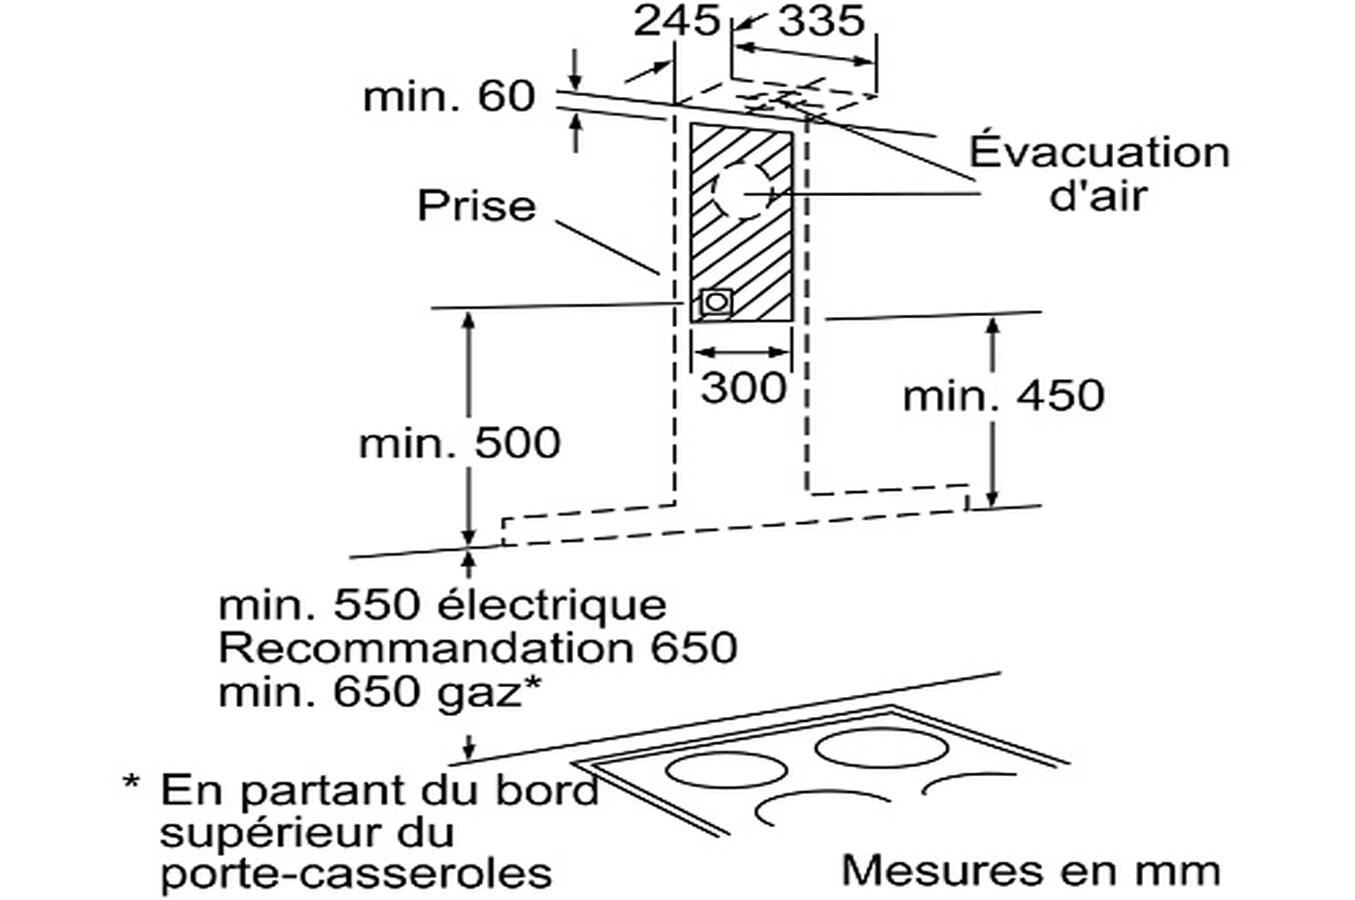 Hauteur Prise Hotte Latest Les Derniers Sujets With Hauteur Prise  # A Quelle Hauteur Fixer Une Tv